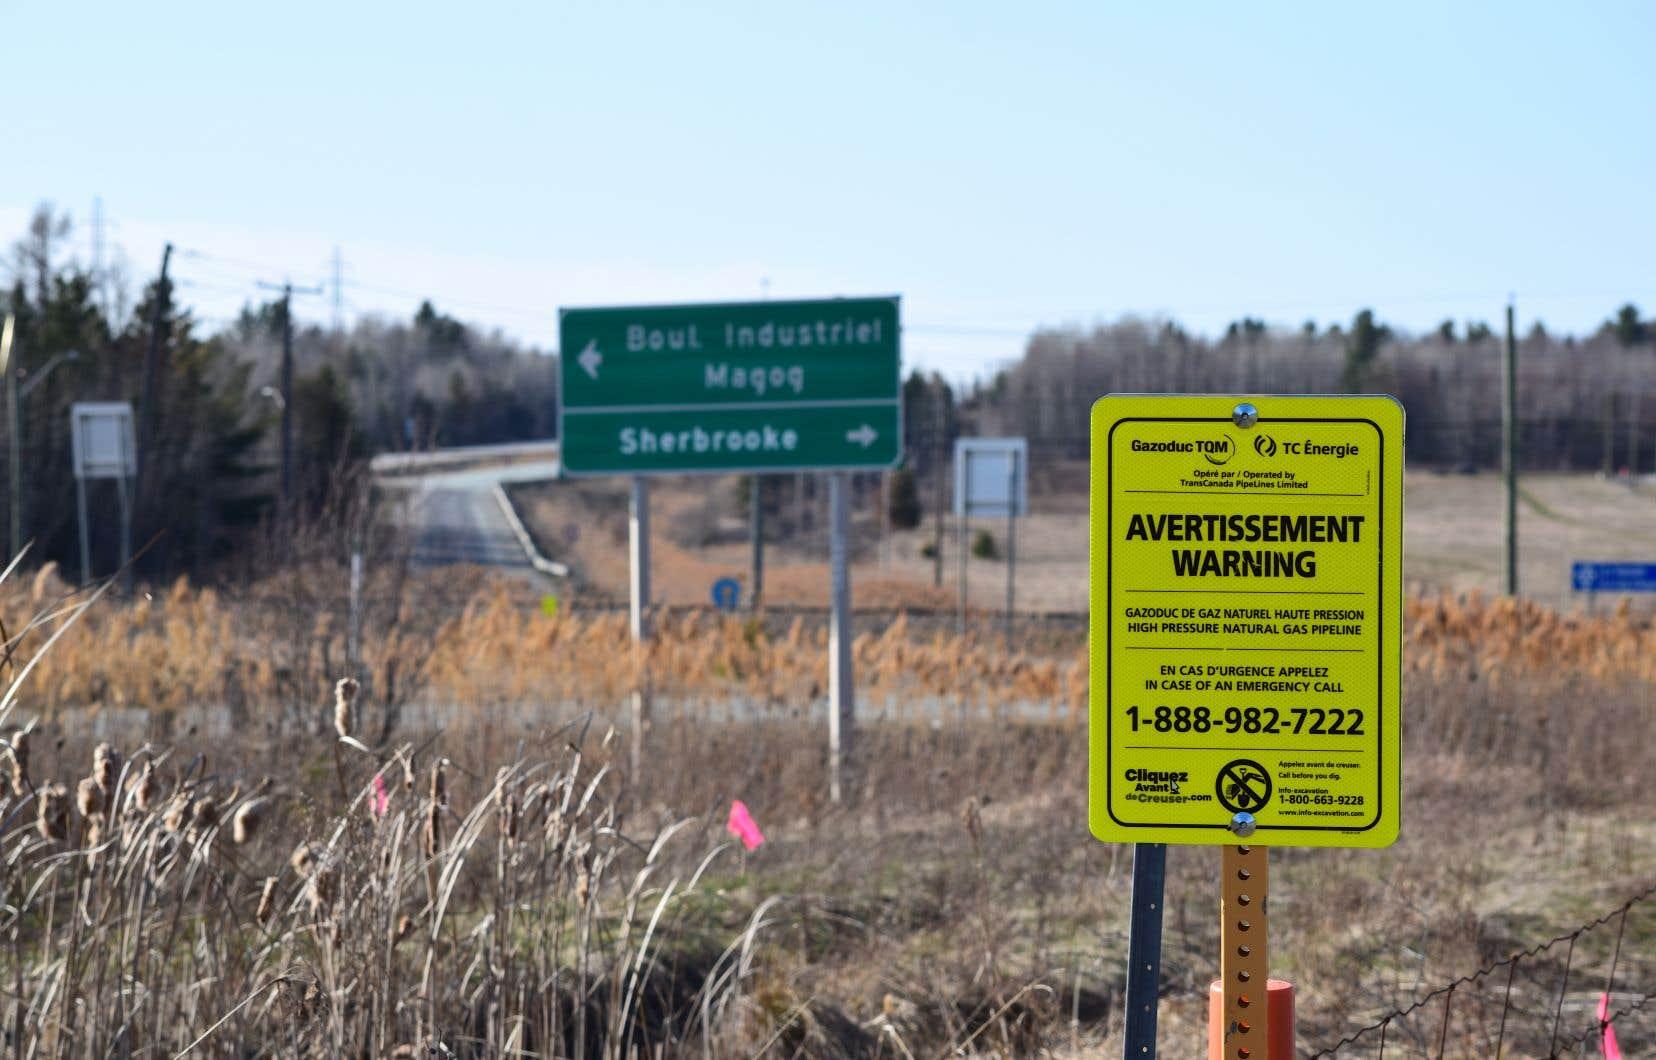 Le tracé du gazoduc qui transporterait du gaz pour le projet de GNL en Nouvelle-Écosse passe notamment par l'Estrie.